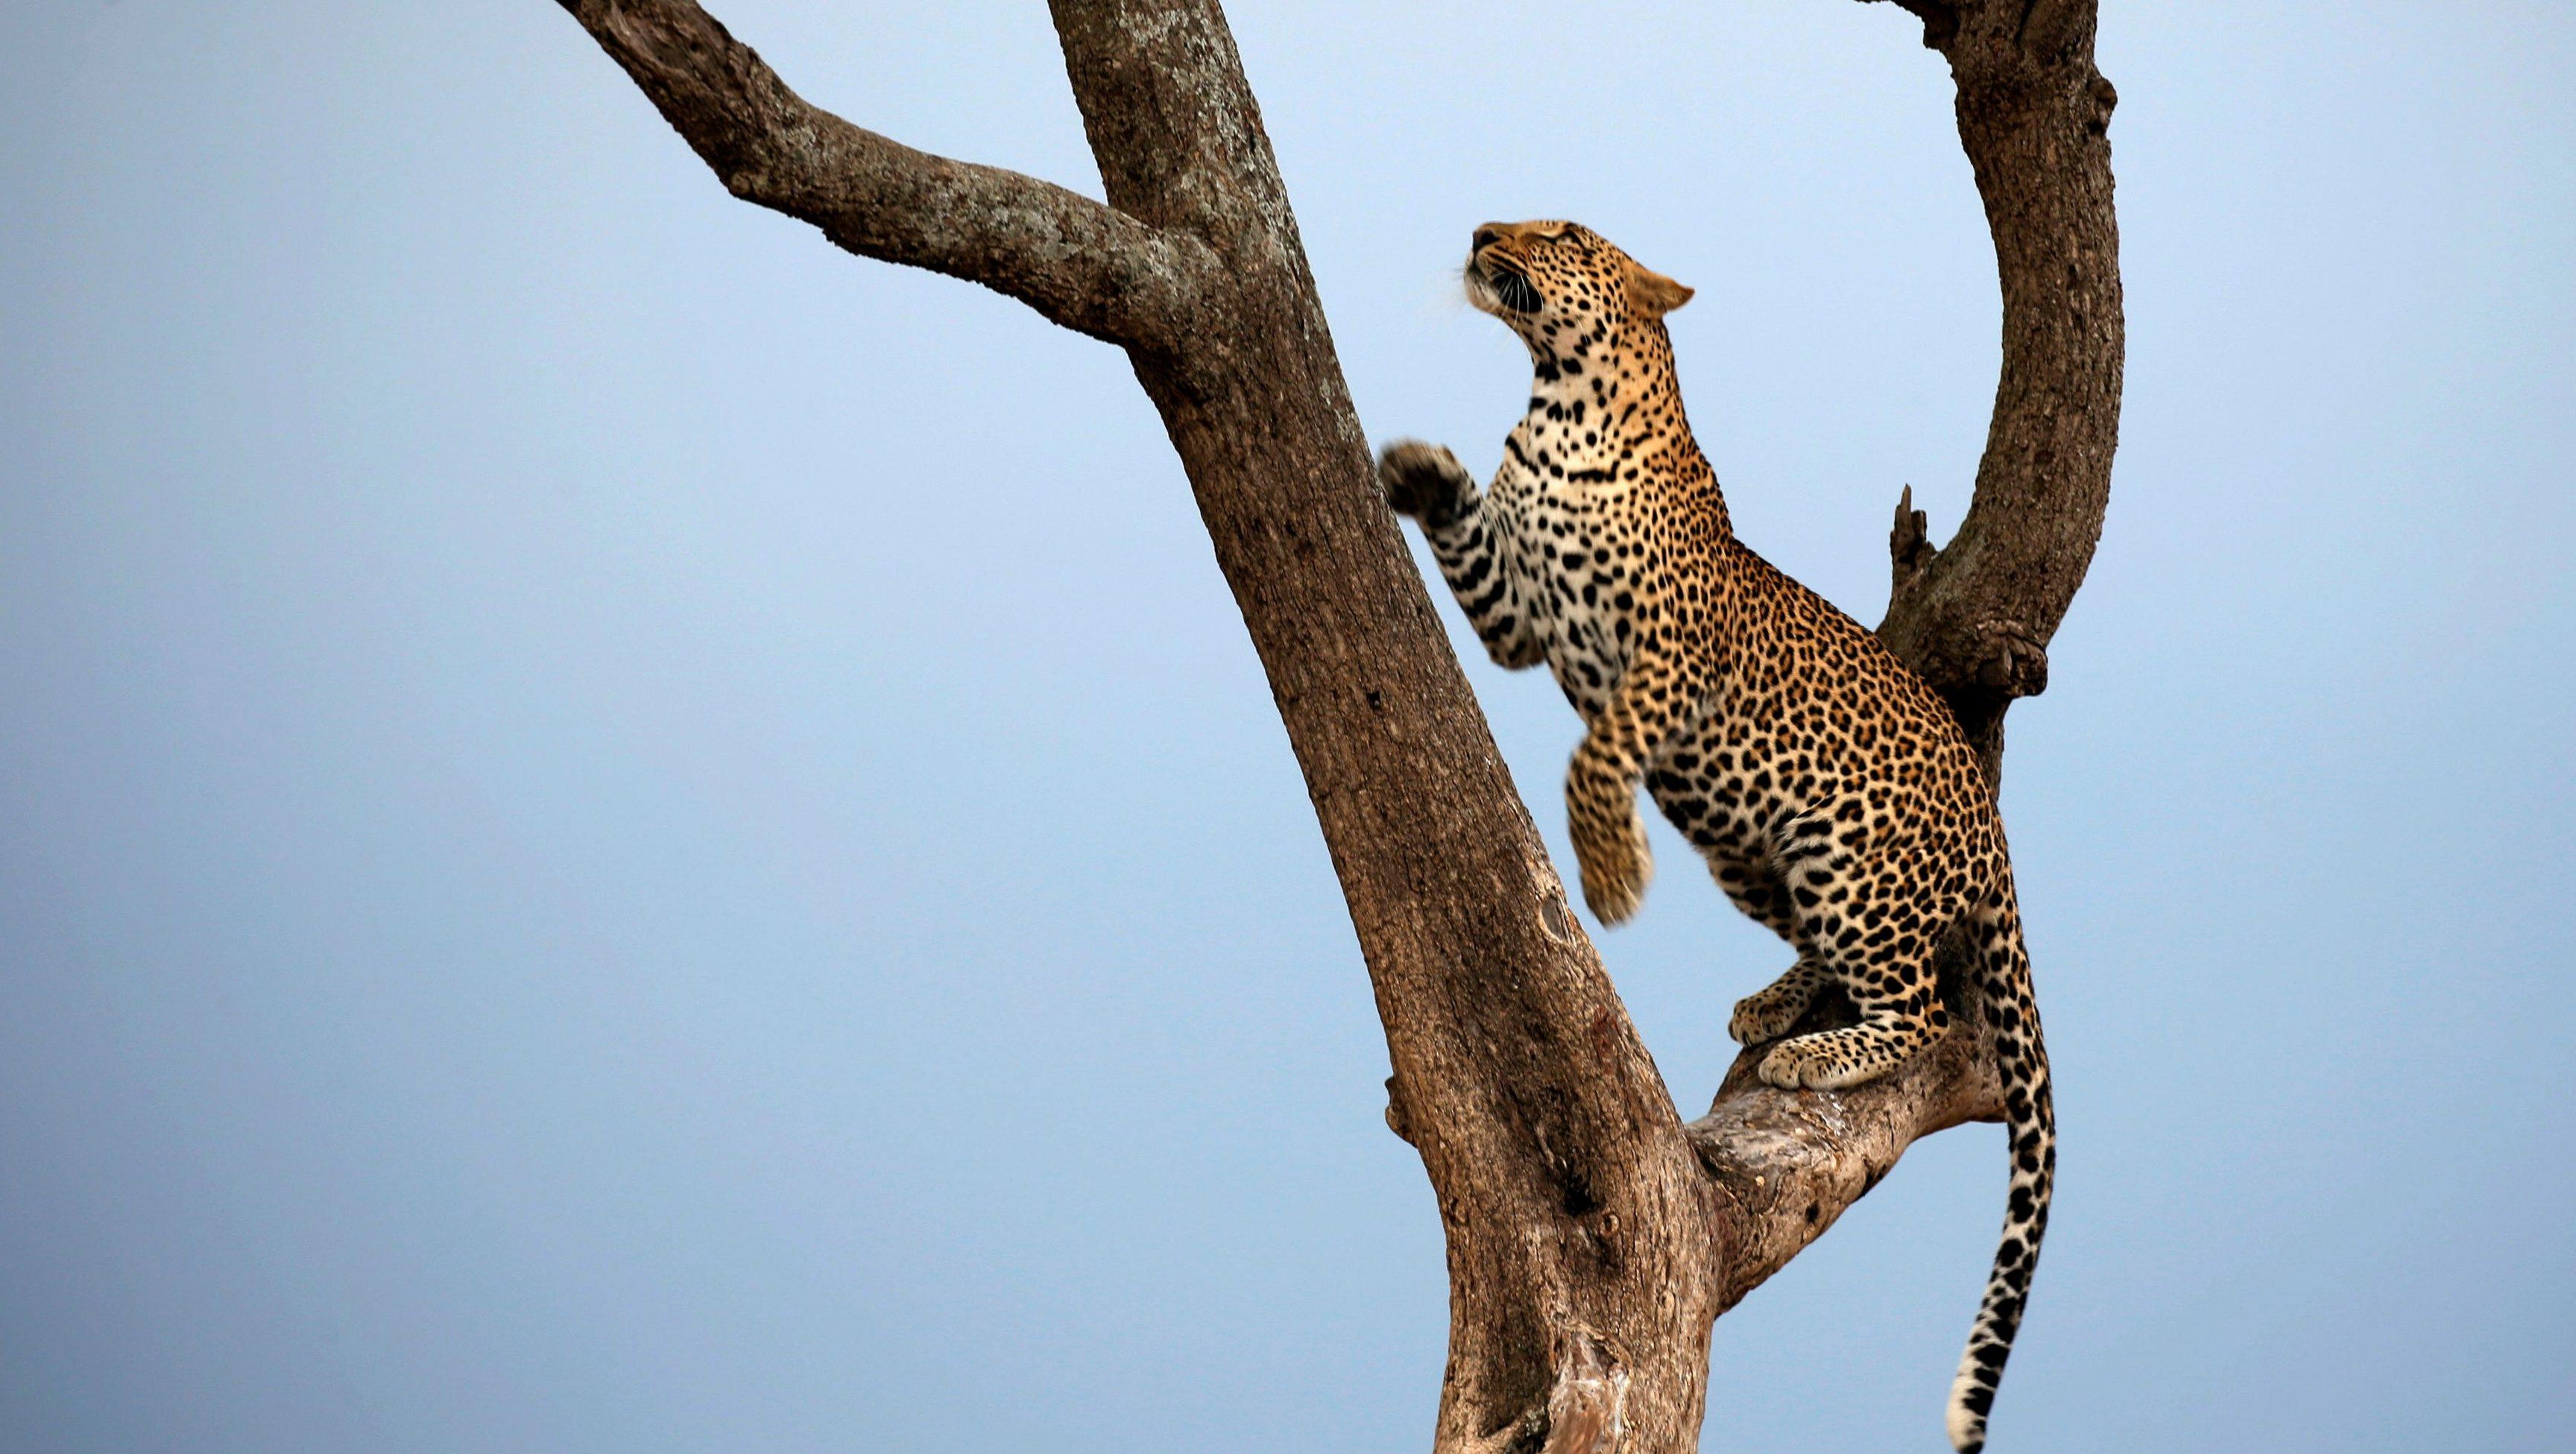 A leopard climbs a tree in Maasai Mara National Reserve, Kenya September 17, 2016.